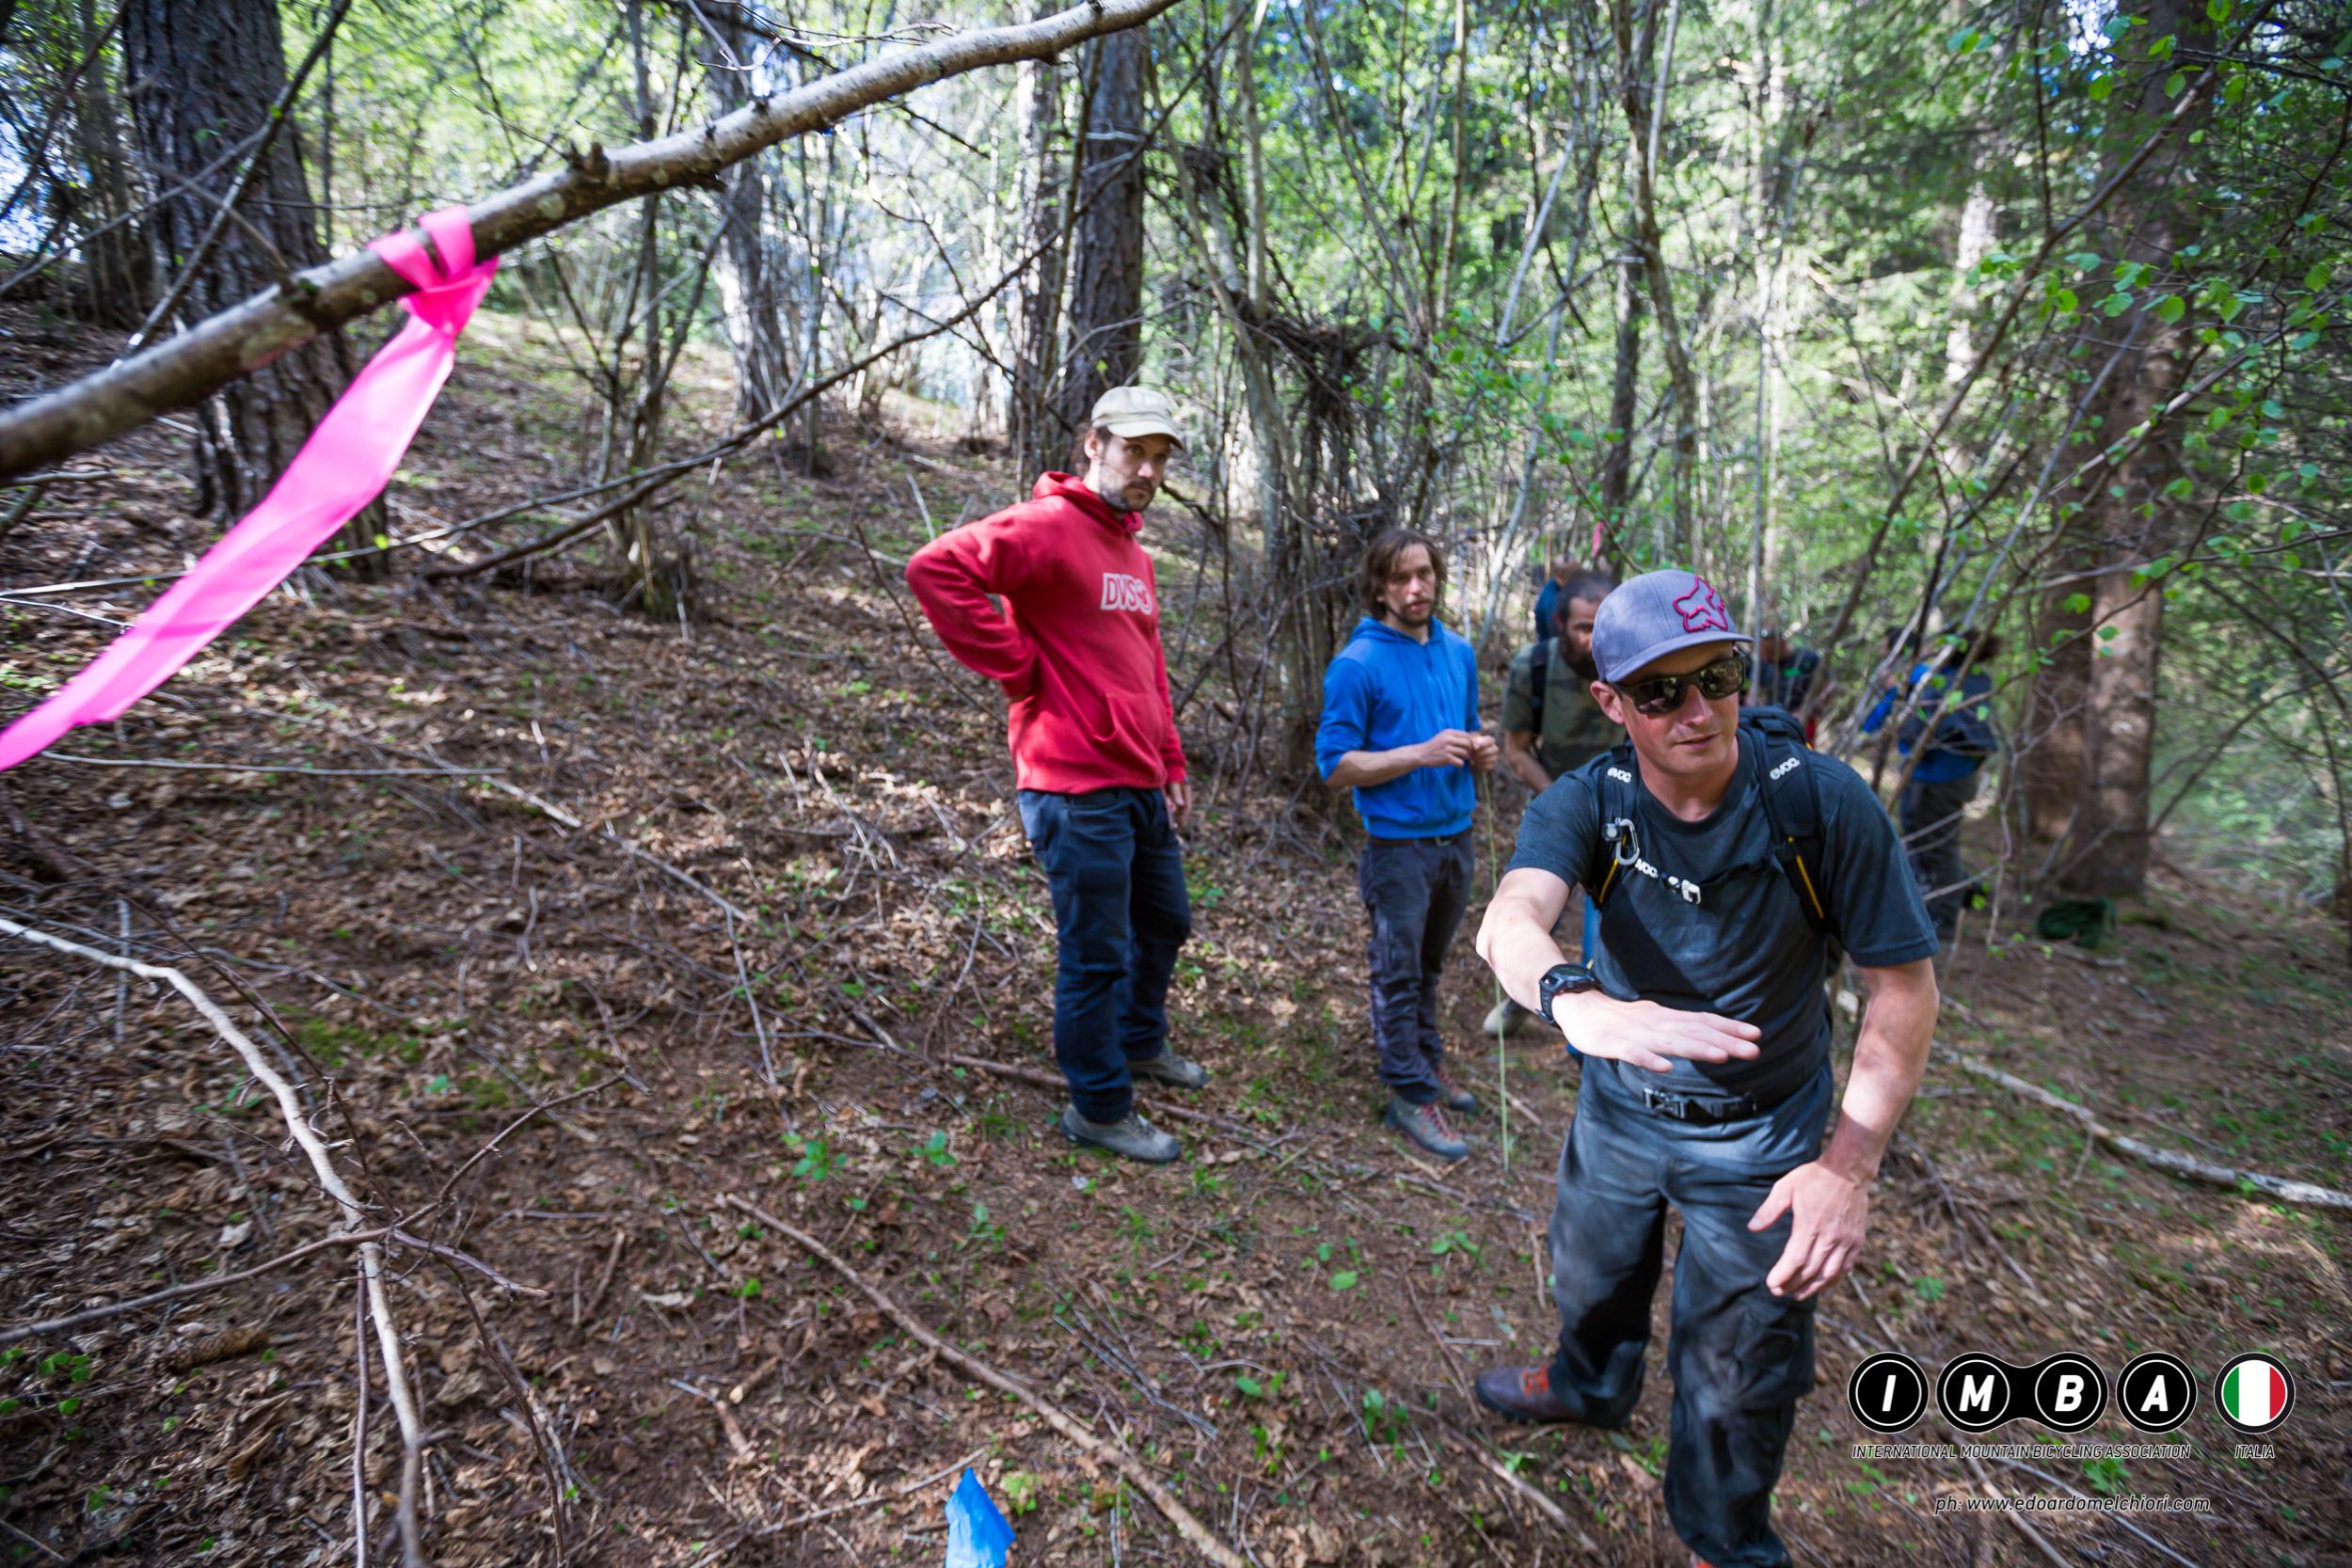 Un istruttore IMBA in una fase di un corso trail building school